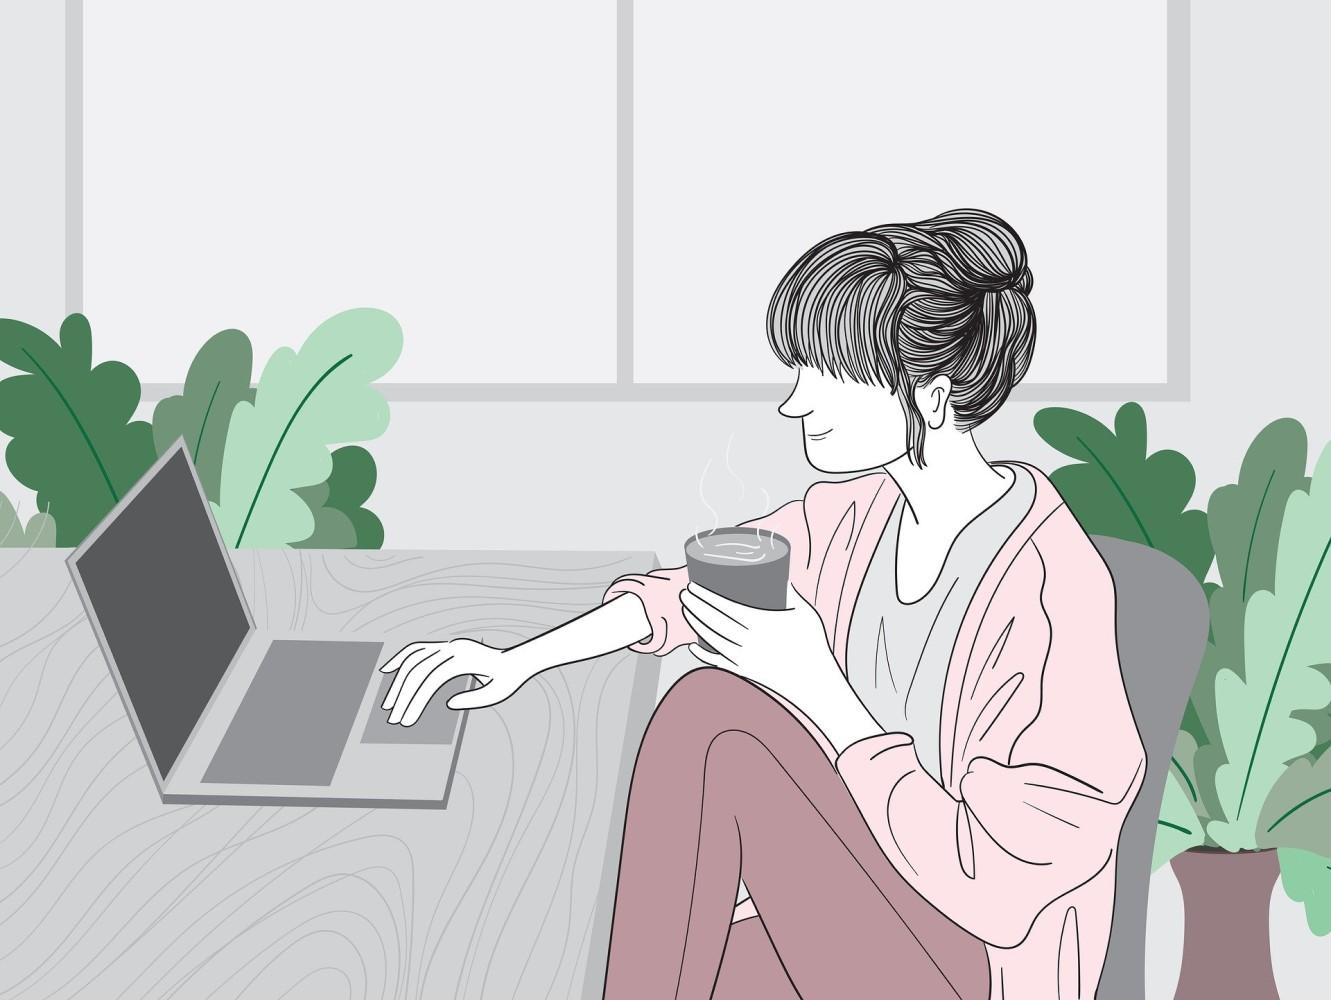 Femme développeuse web en télétravail full remote